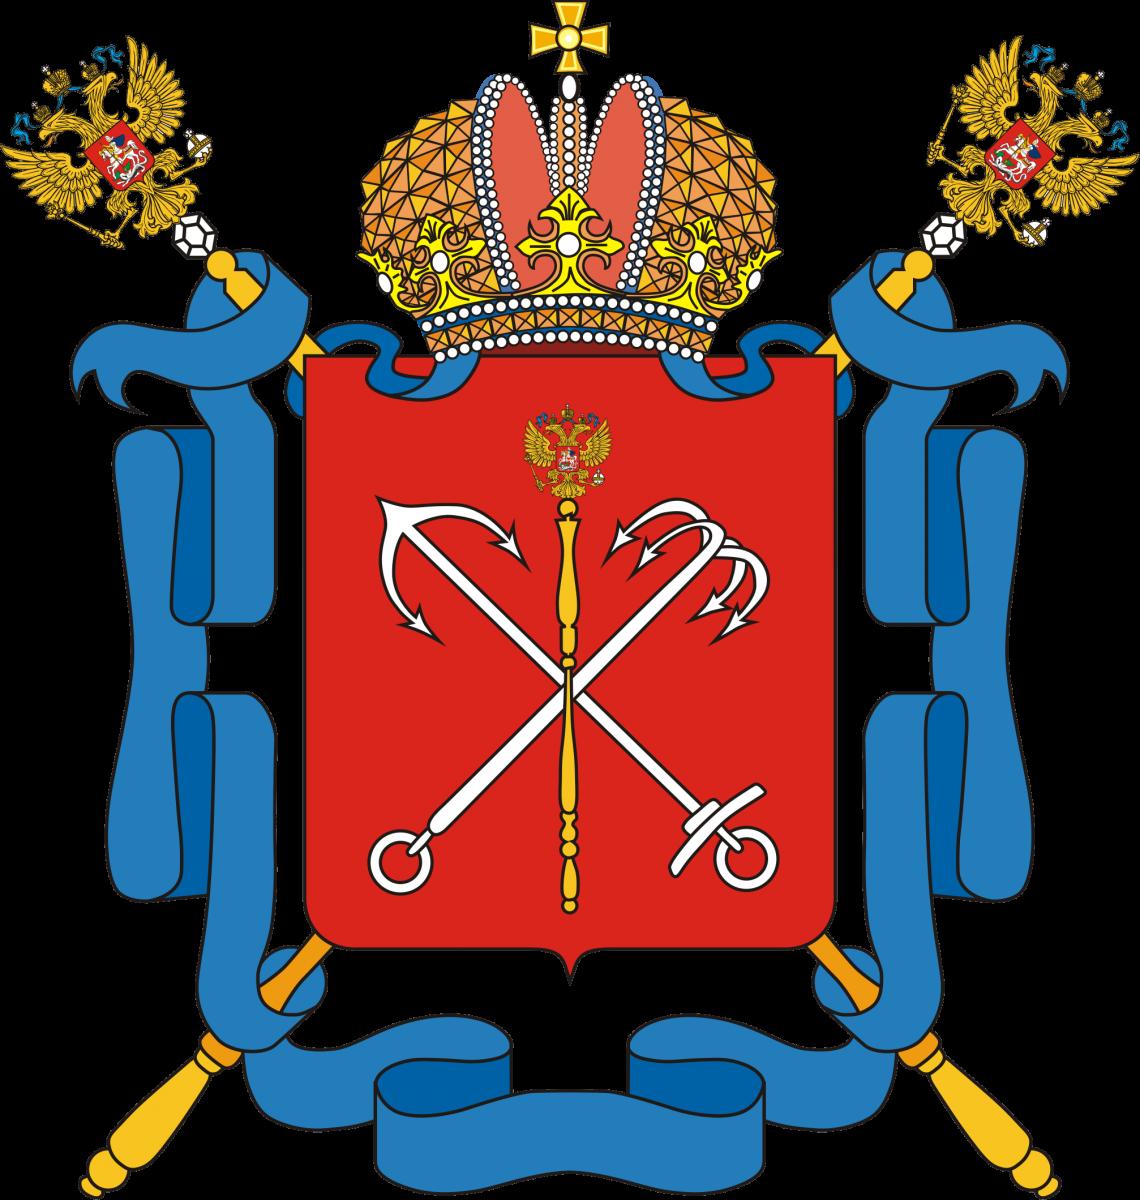 Успешное выступление кафедры по итогам конкурсов грантов Правительства Санкт-Петербурга в 2012 году